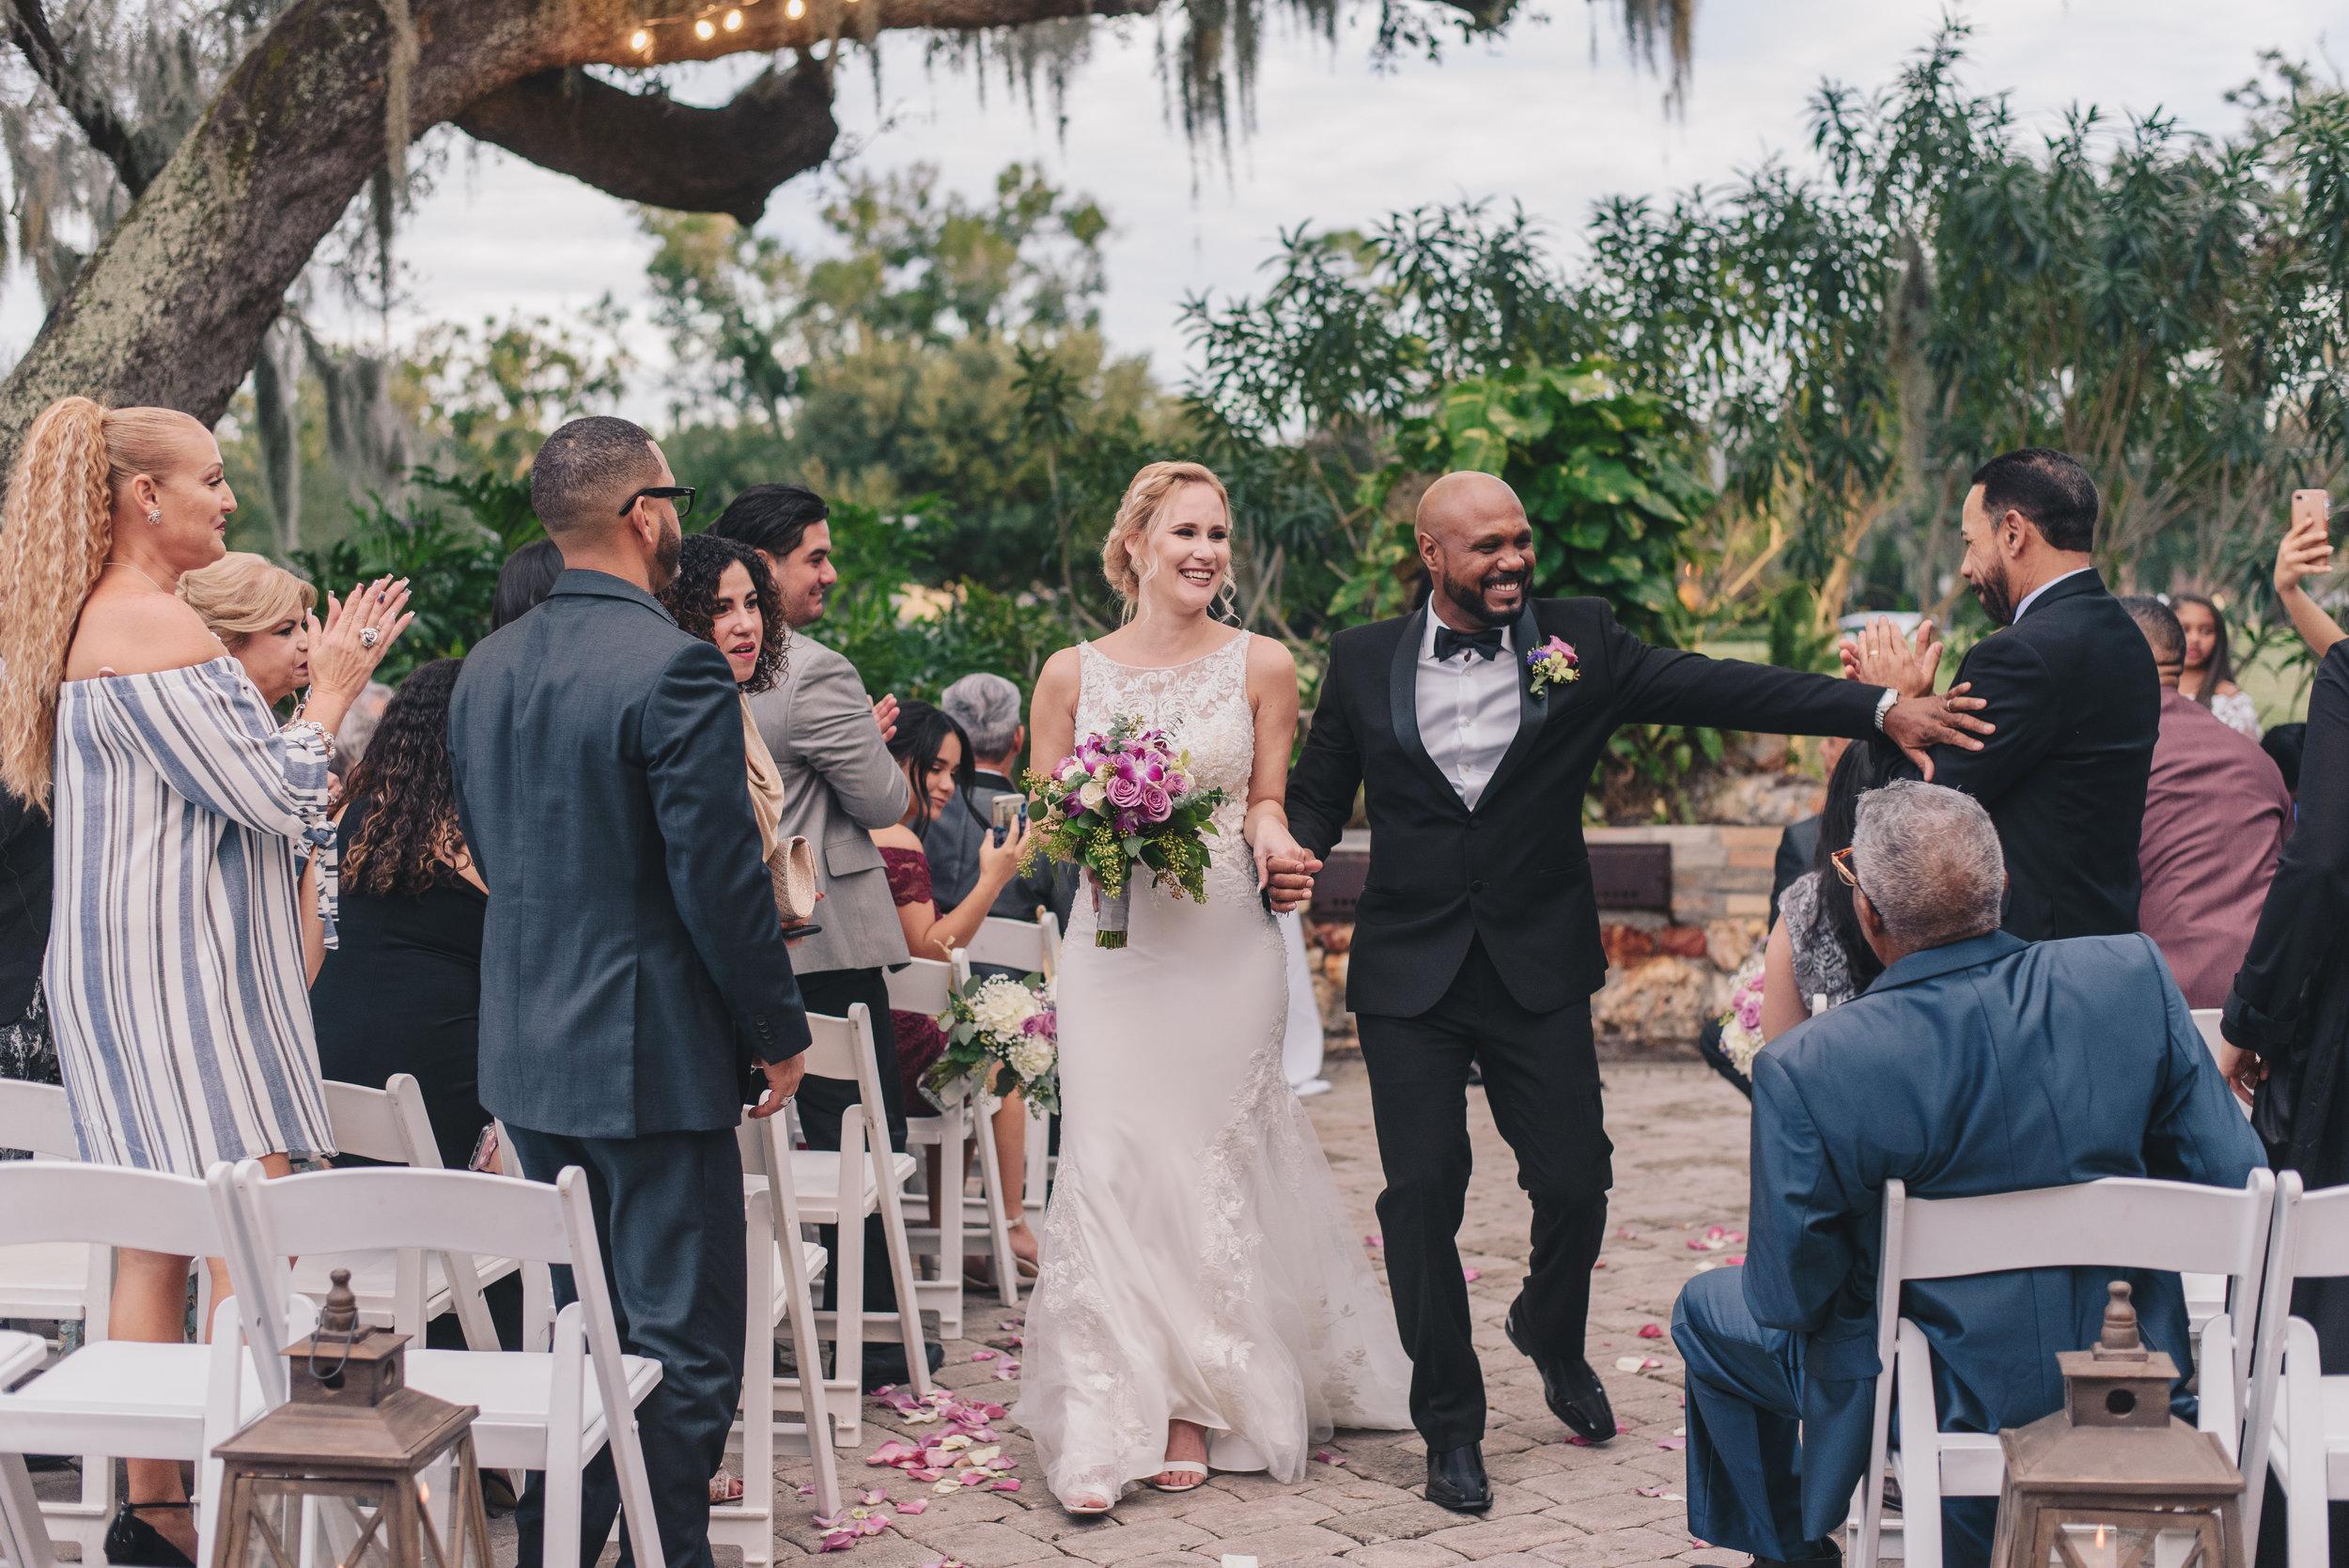 Los-Vargas-Photo-Wedding-Historic-Dubsdread-Ballroom-8517.jpg